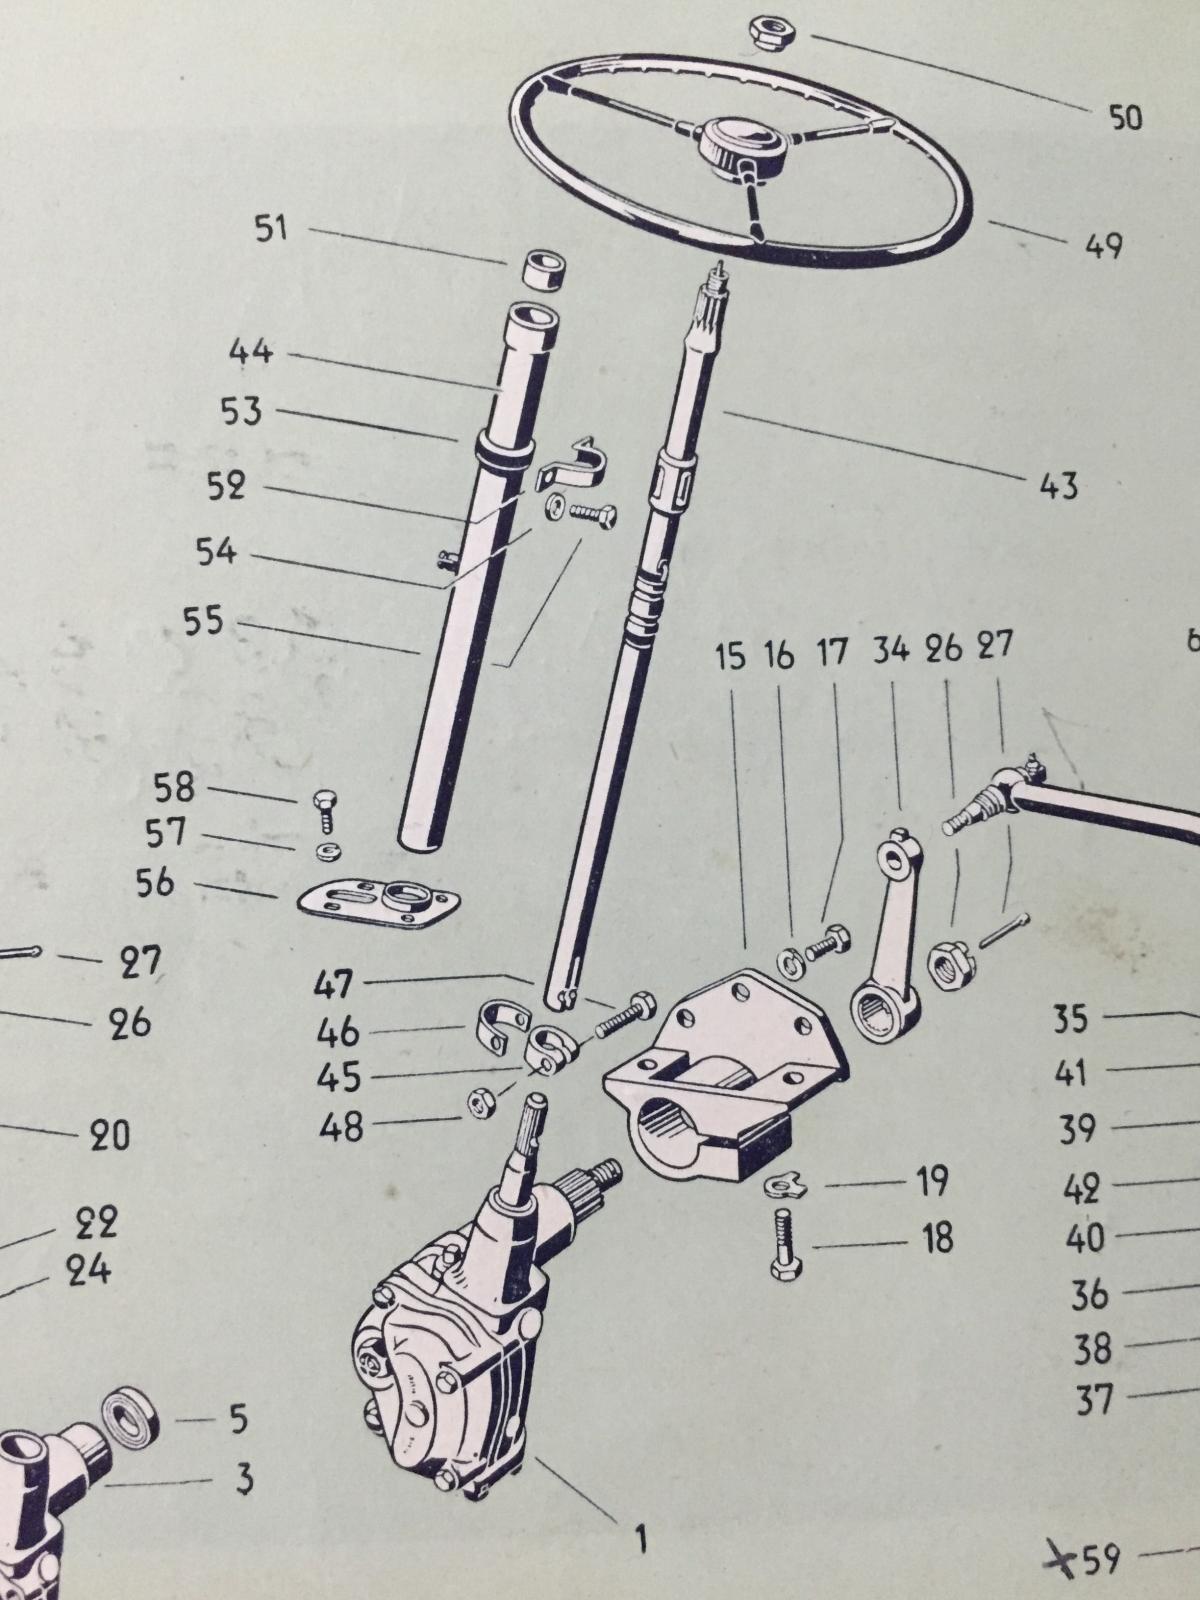 Vw Polo Power Steering Wiring Diagram : Vw steering box diagram wiring